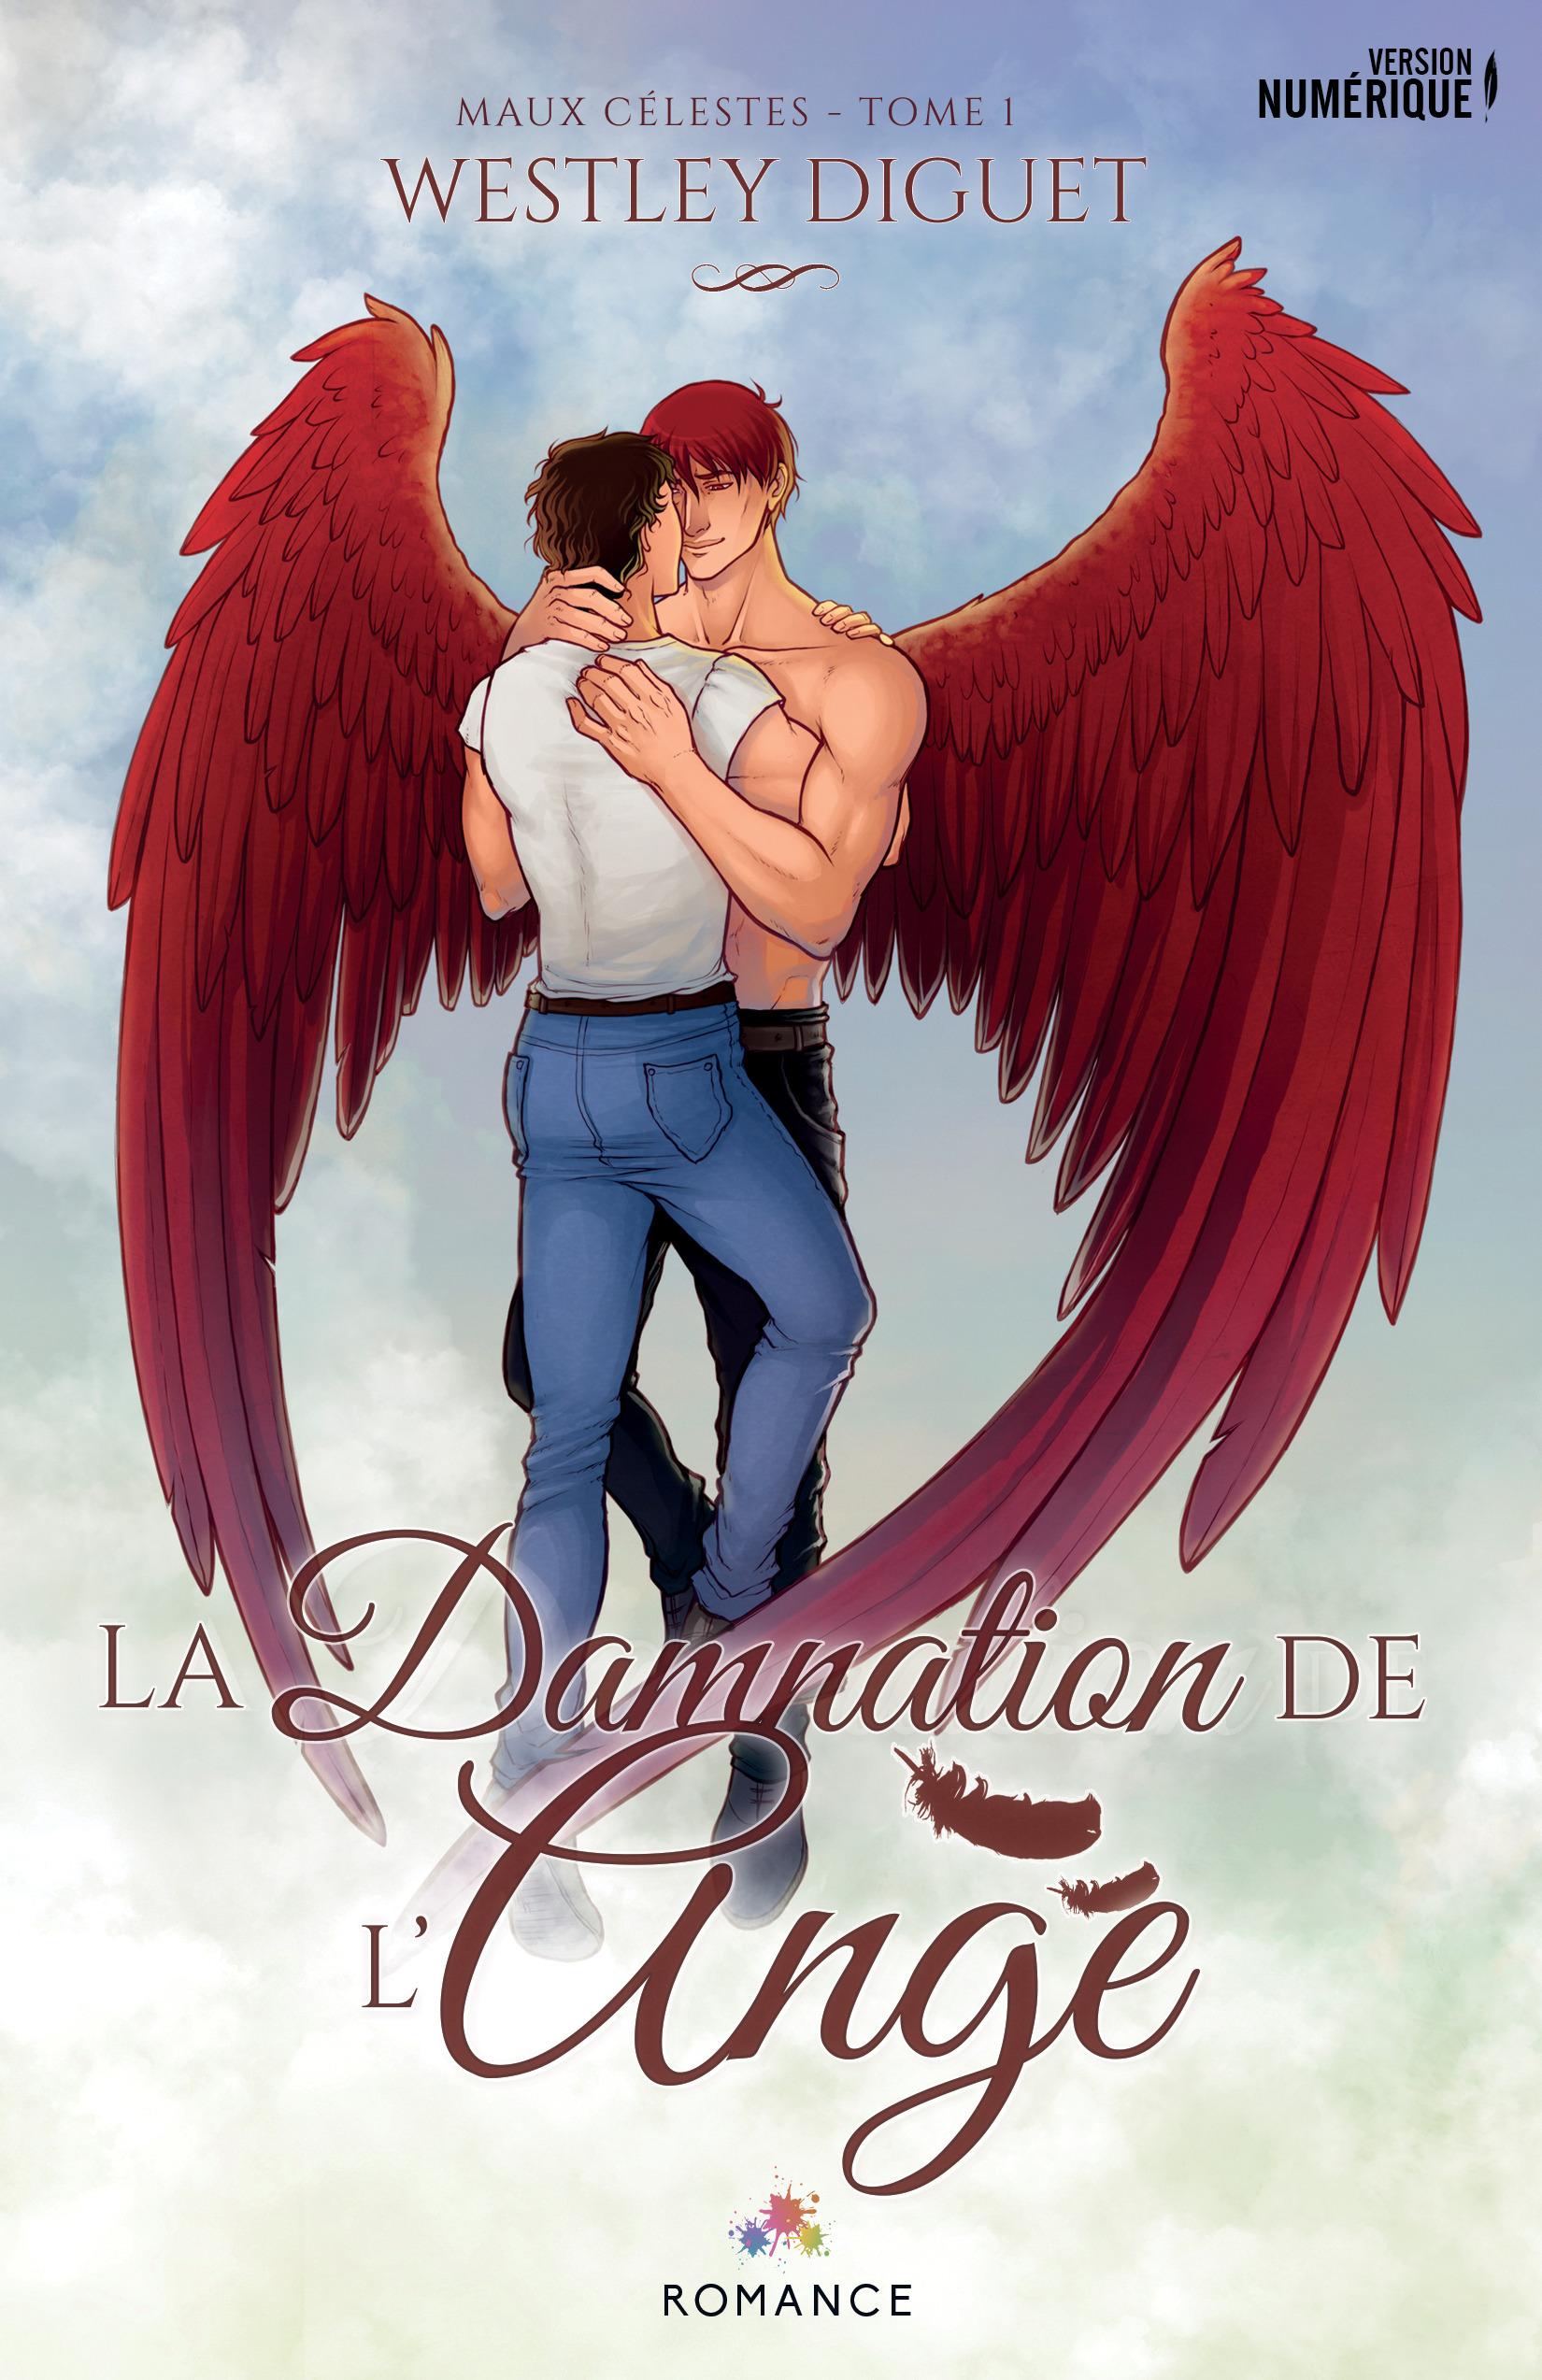 Maux celestes - t01 - la damnation de l'ange - maux celestes, t1